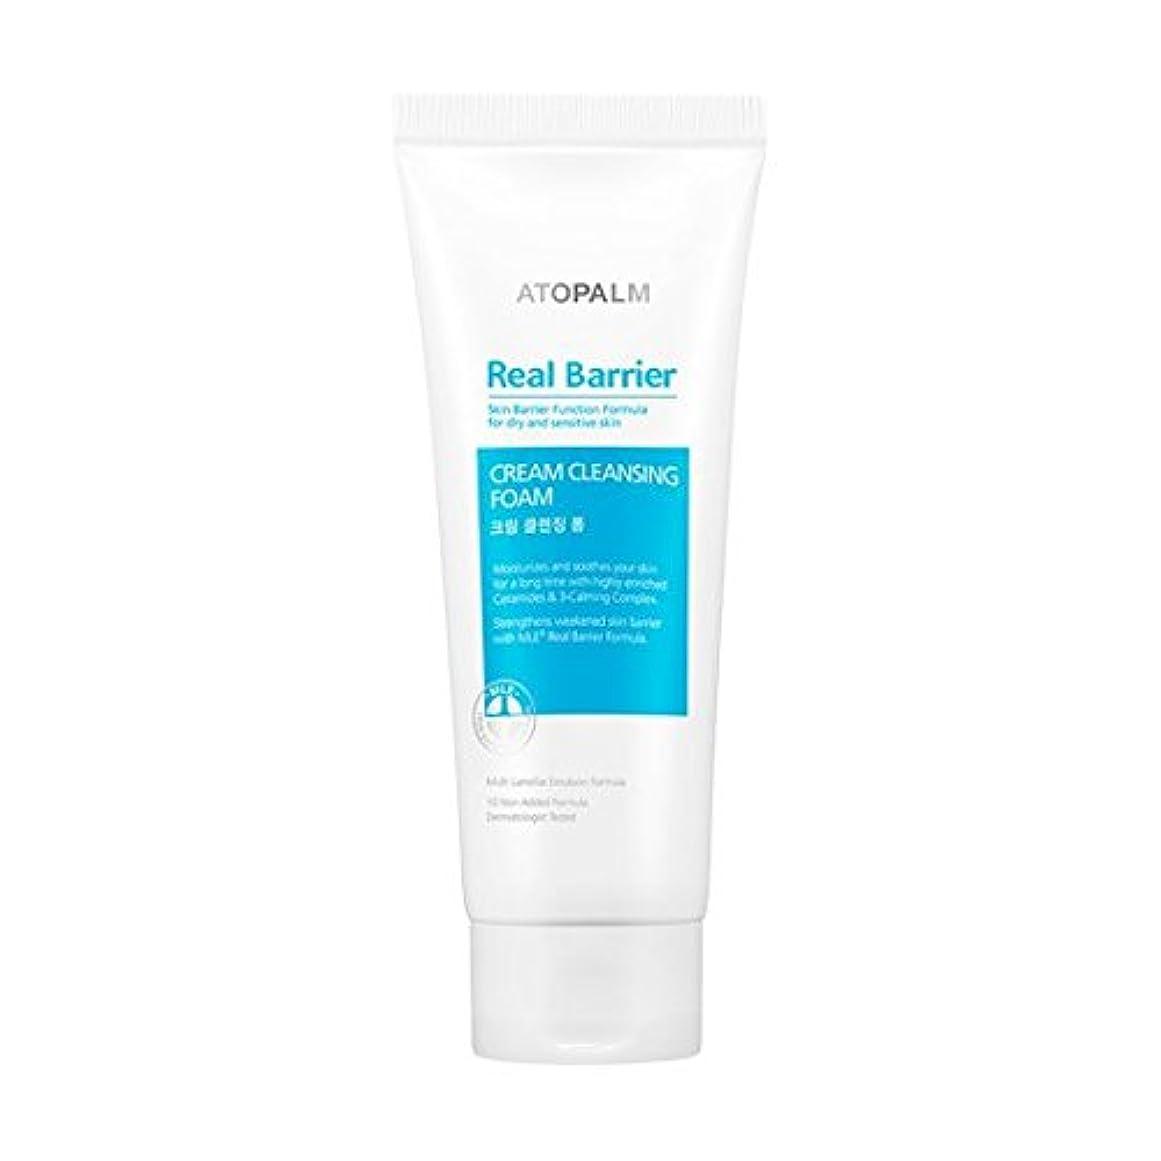 しわ命令近似[Atopalm (韓国コスメ アトパーム)] Real barrier cream cleansing foam (150g) リアルバリアクリームクレンジング?フォーム[並行輸入品][海外直送品]